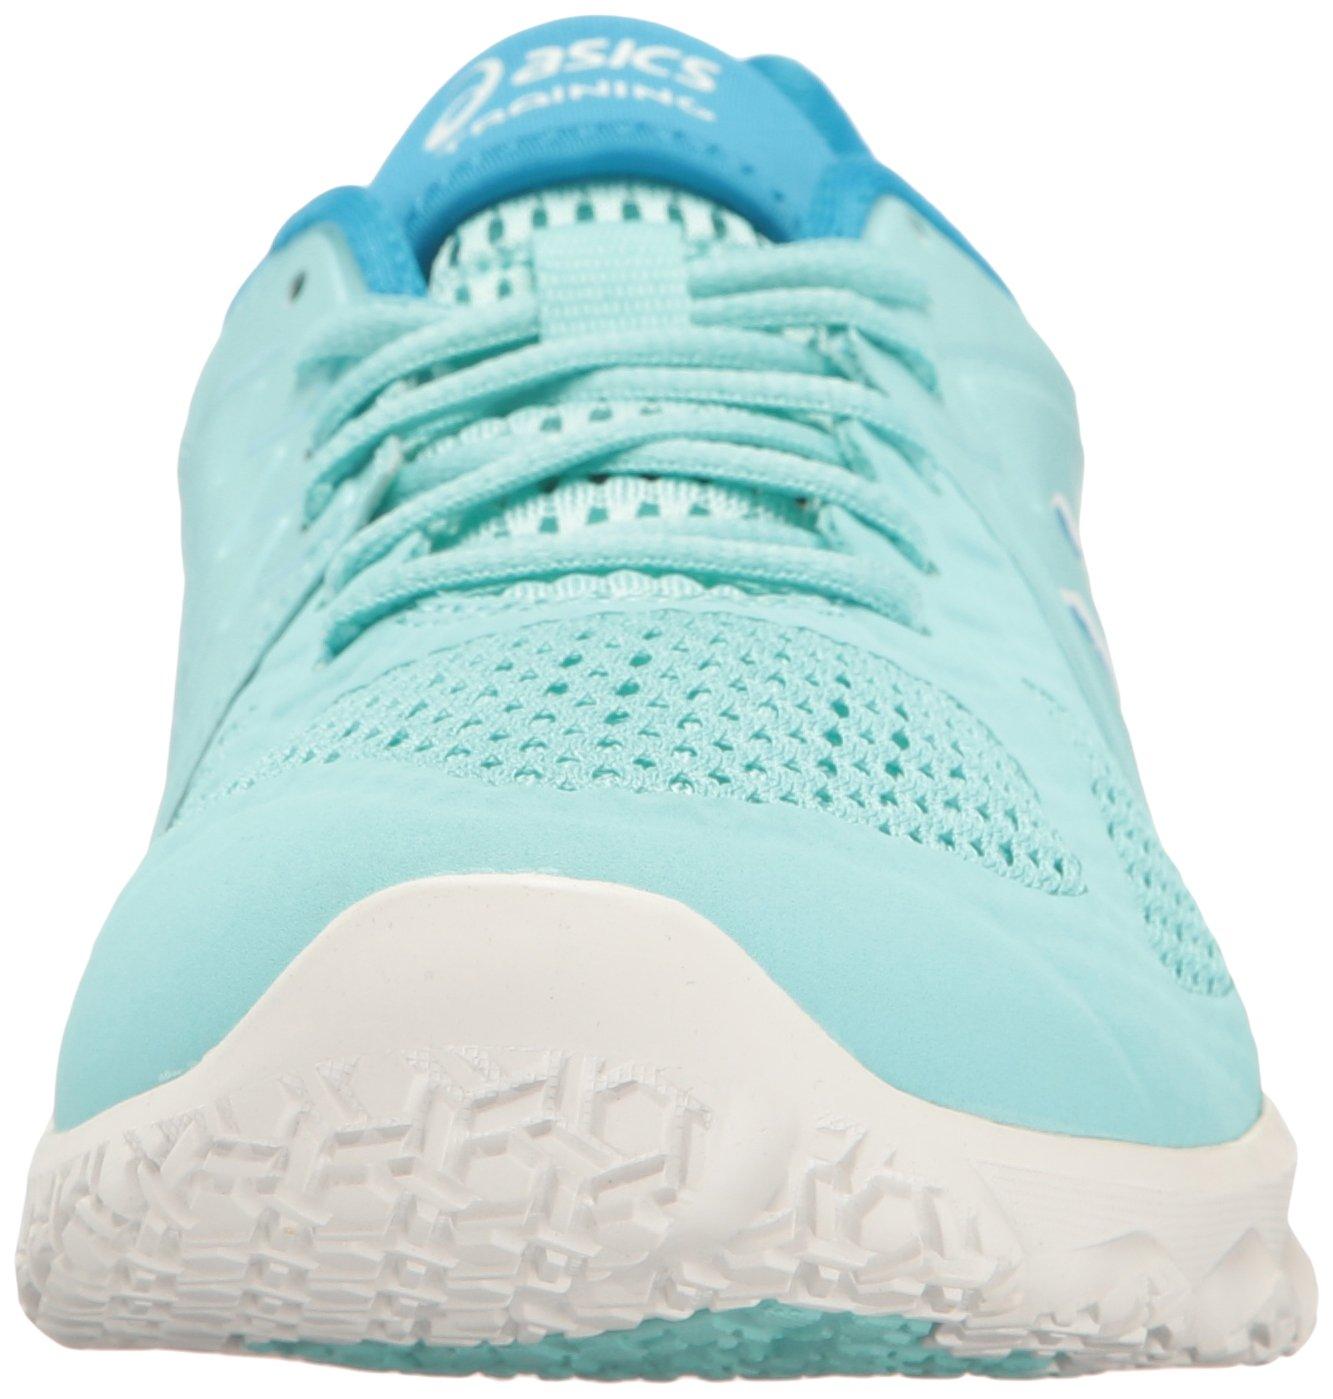 Zapato Aqua Femmes Cross Entraîneur Aqua de X Conviction Femmes de 4645 ASICS Aqua Splash 9d02a06 - caillouoyunlari.info